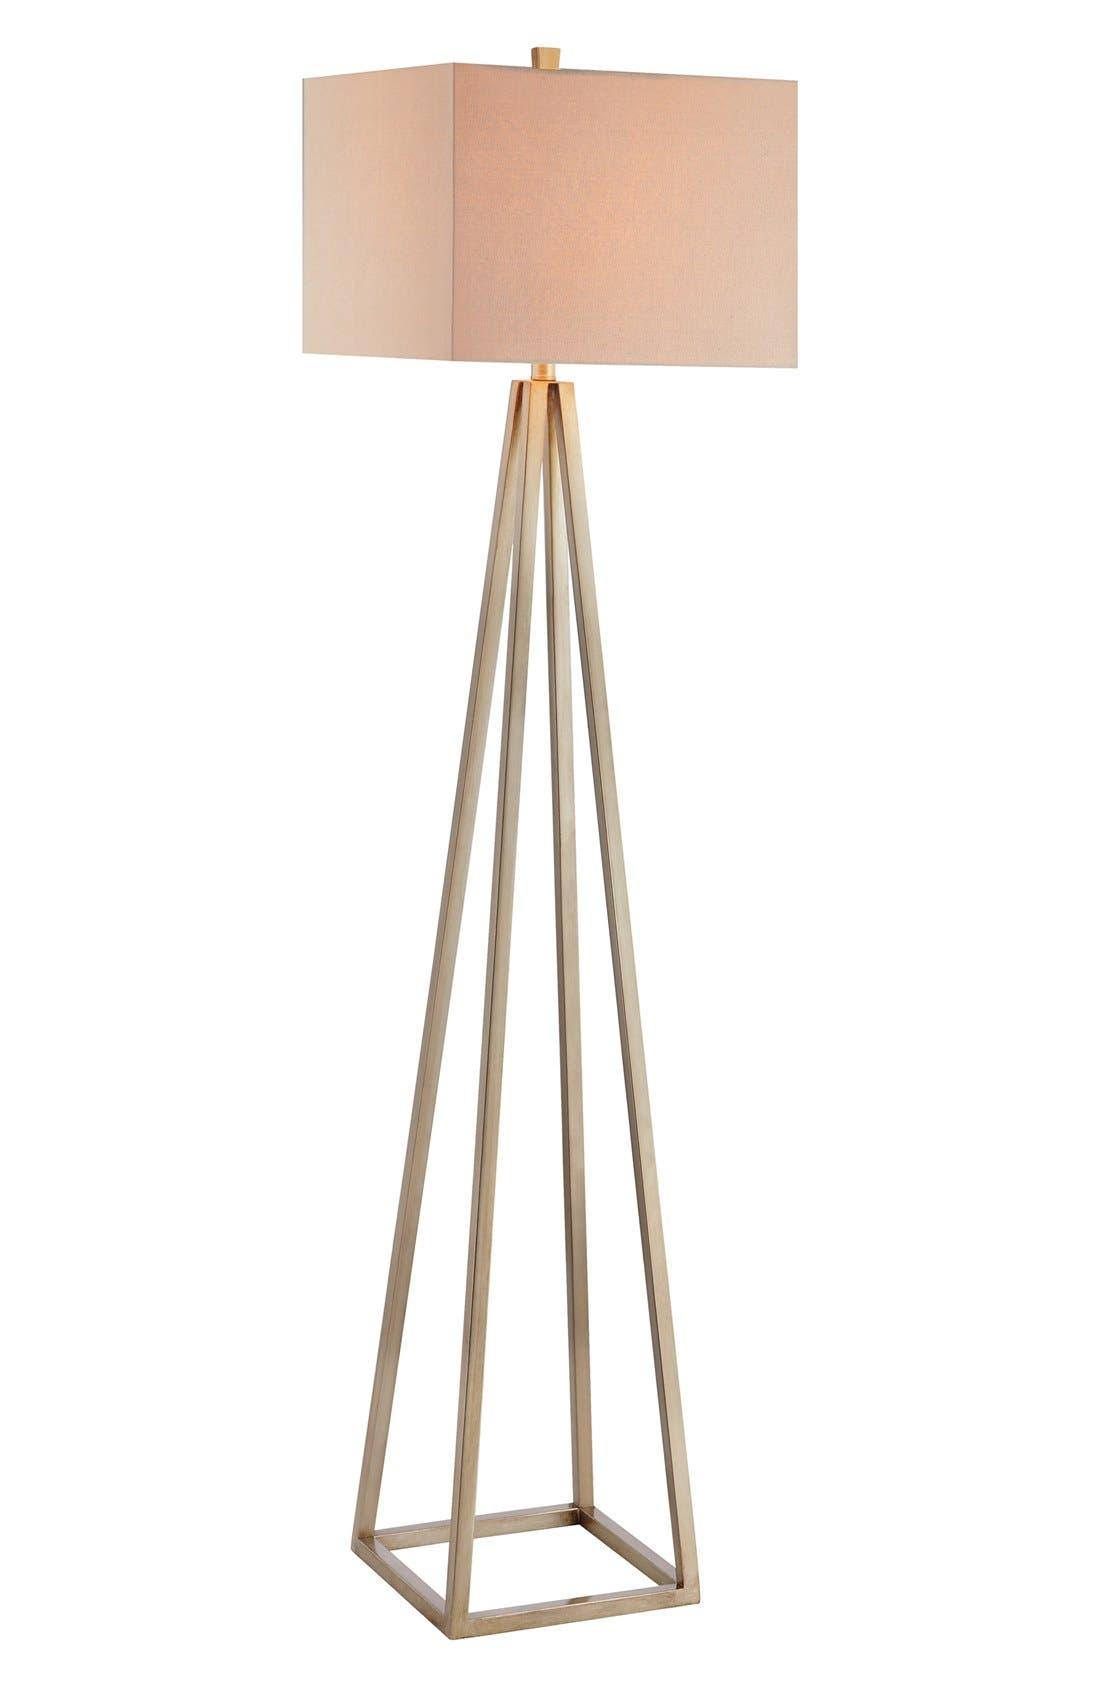 Main Image - JAlexander Lighting Open Caged Metal Floor Lamp